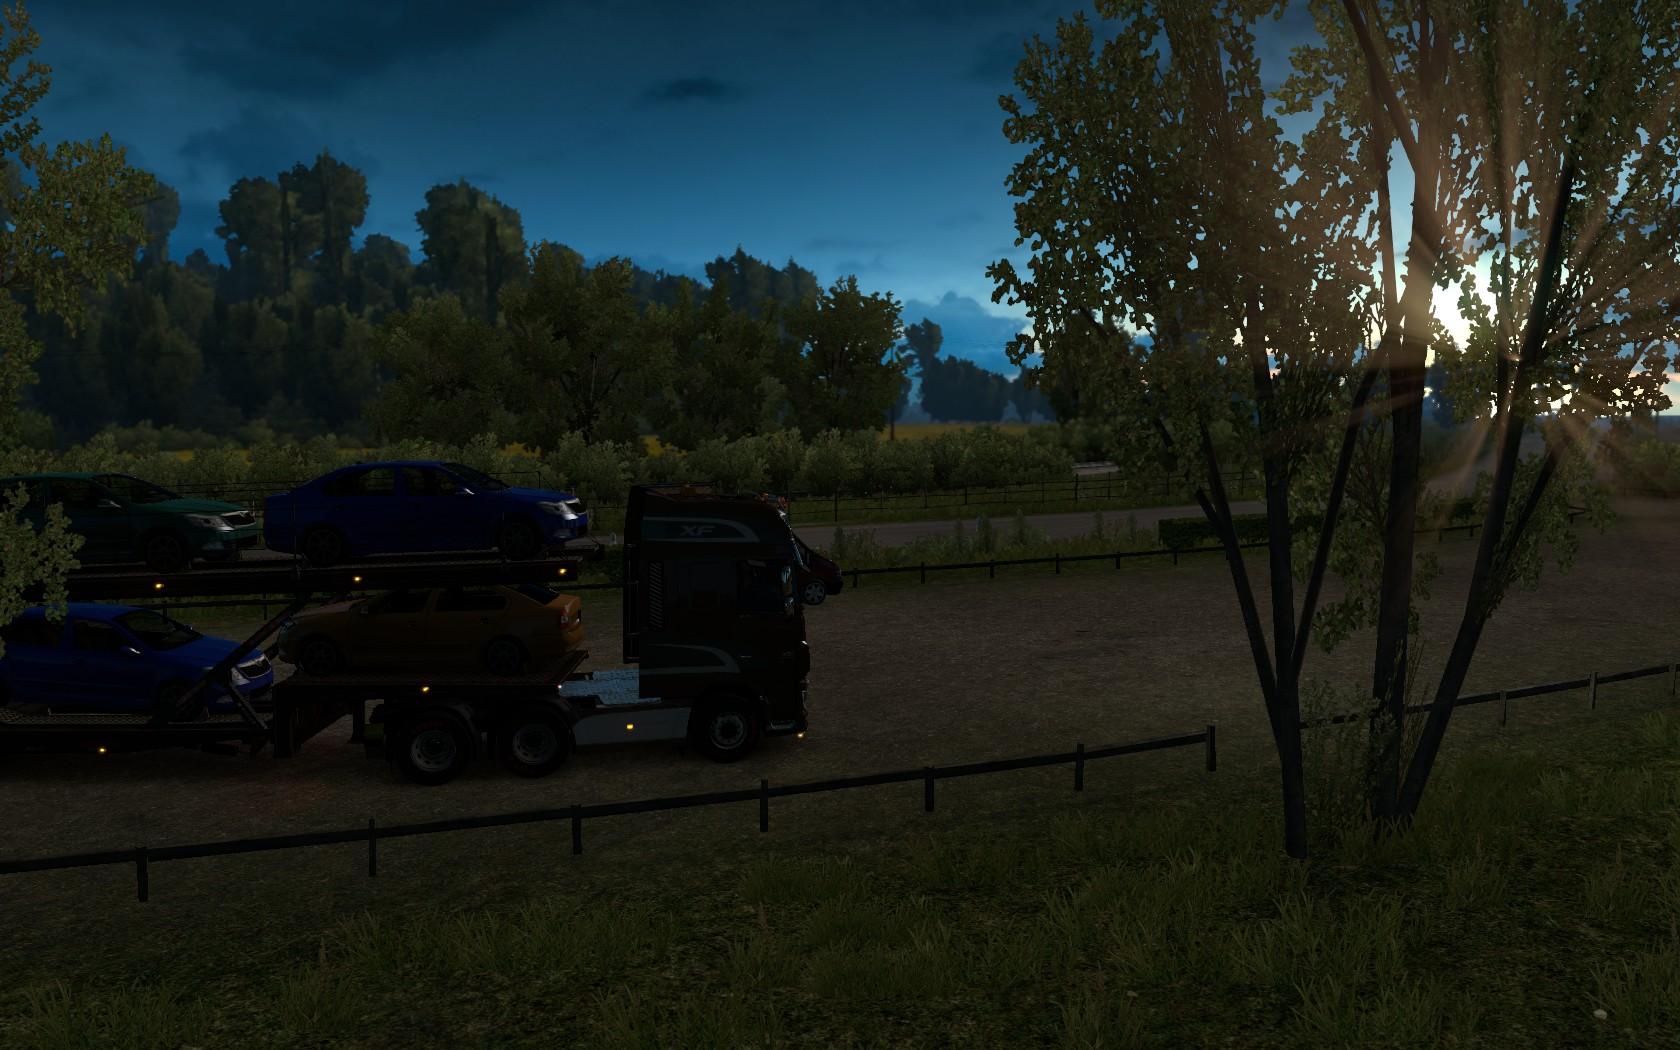 Дорогами Франции - Euro Truck Simulator 2 траксимуляторы, Транспорт